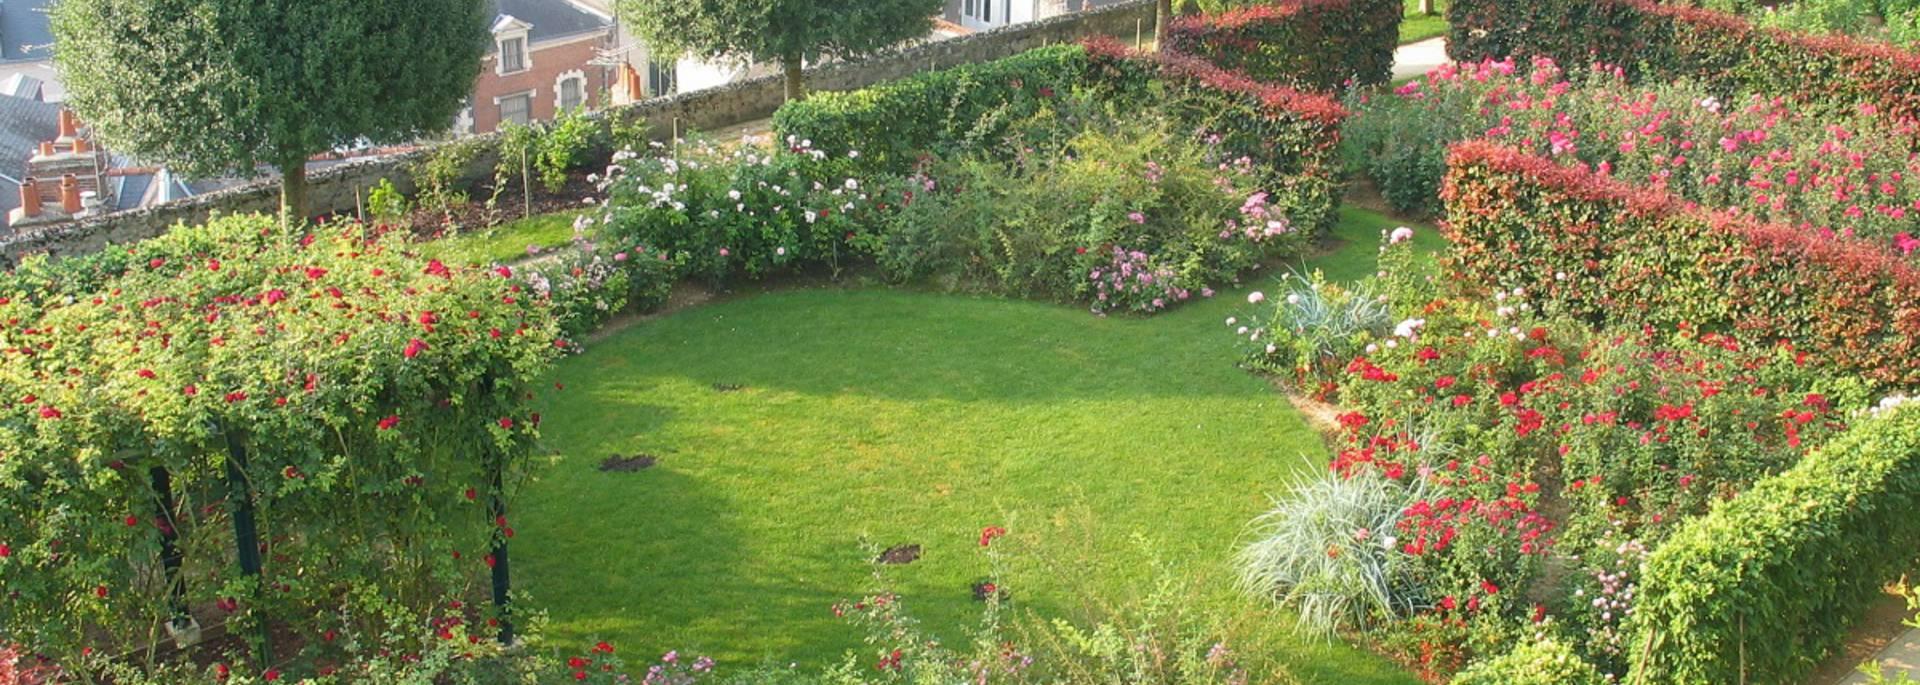 Die Gärten des Bistums in Blois © OTB